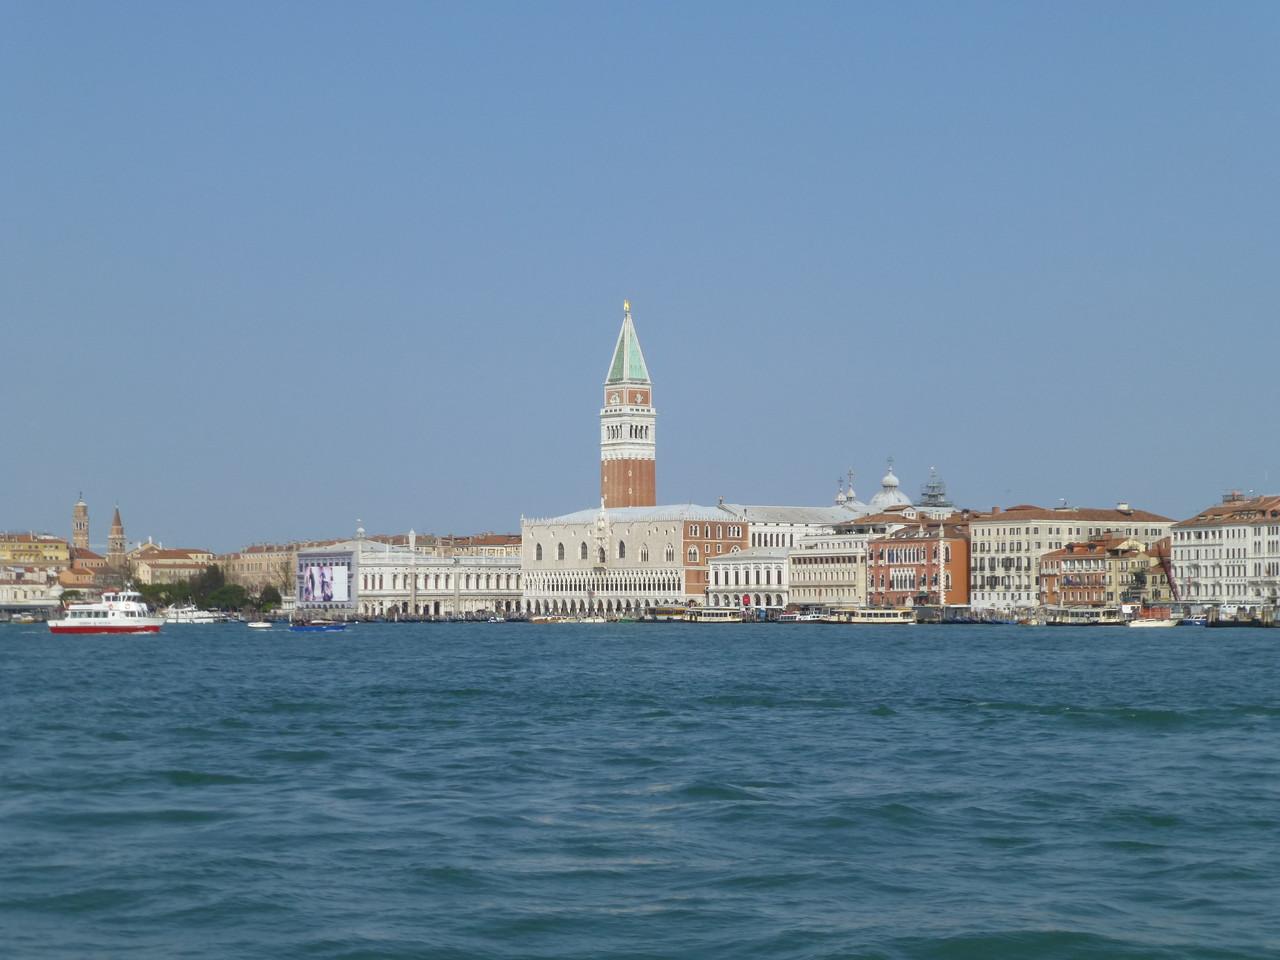 Venedig aus gesehen von Bunta Sabione